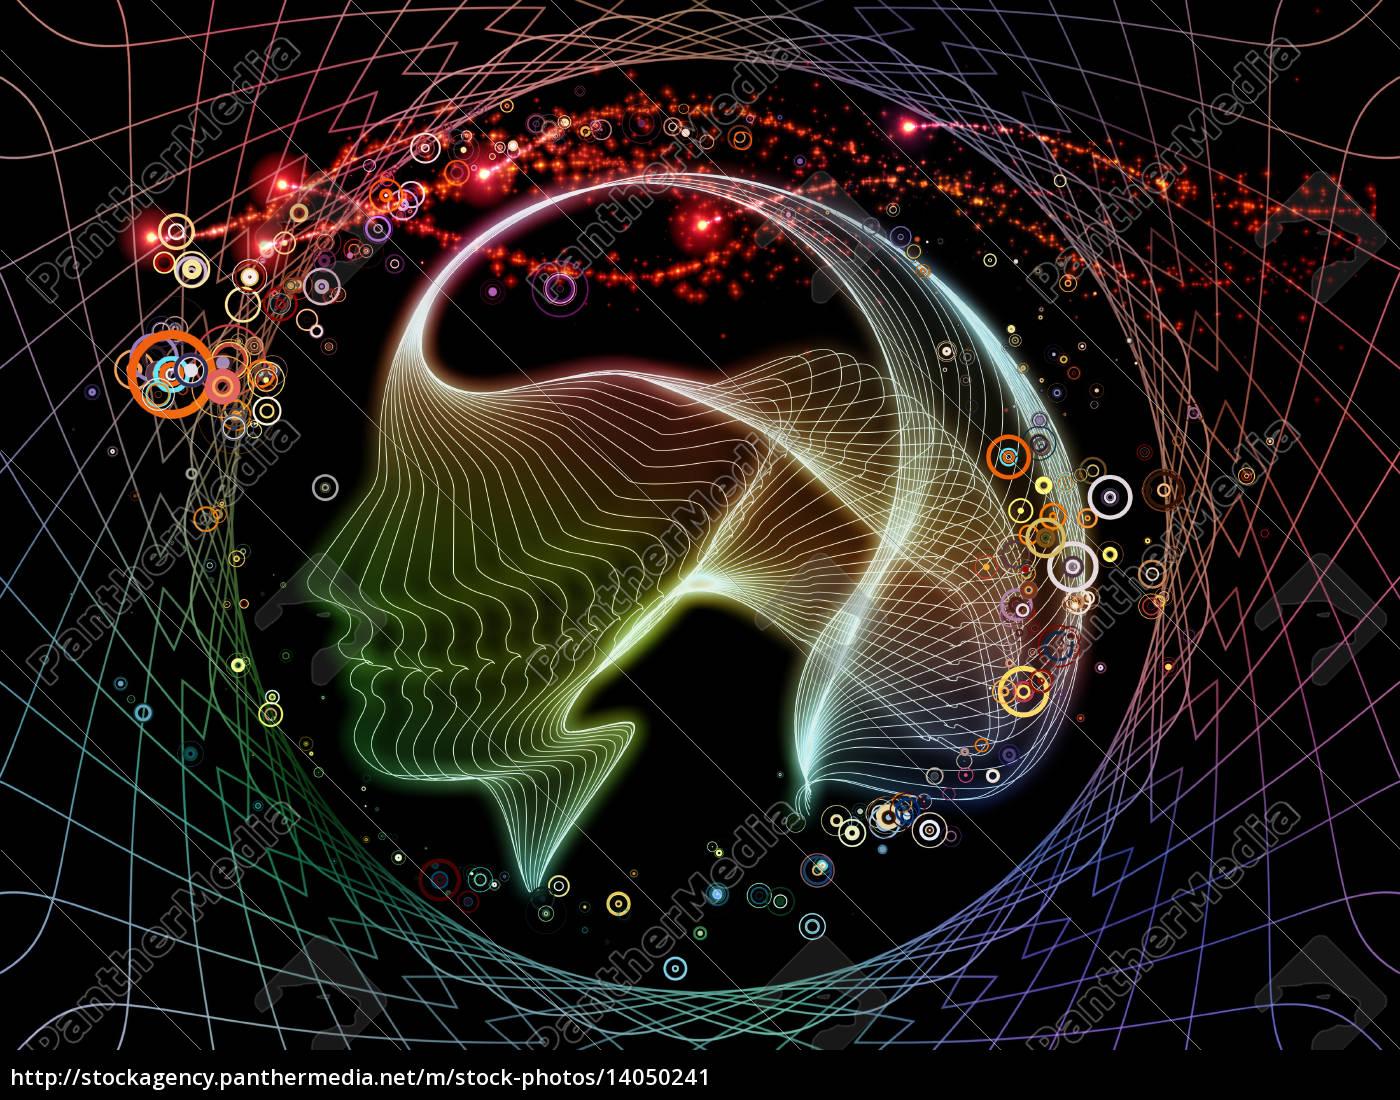 inner, life, of, inner, lines - 14050241